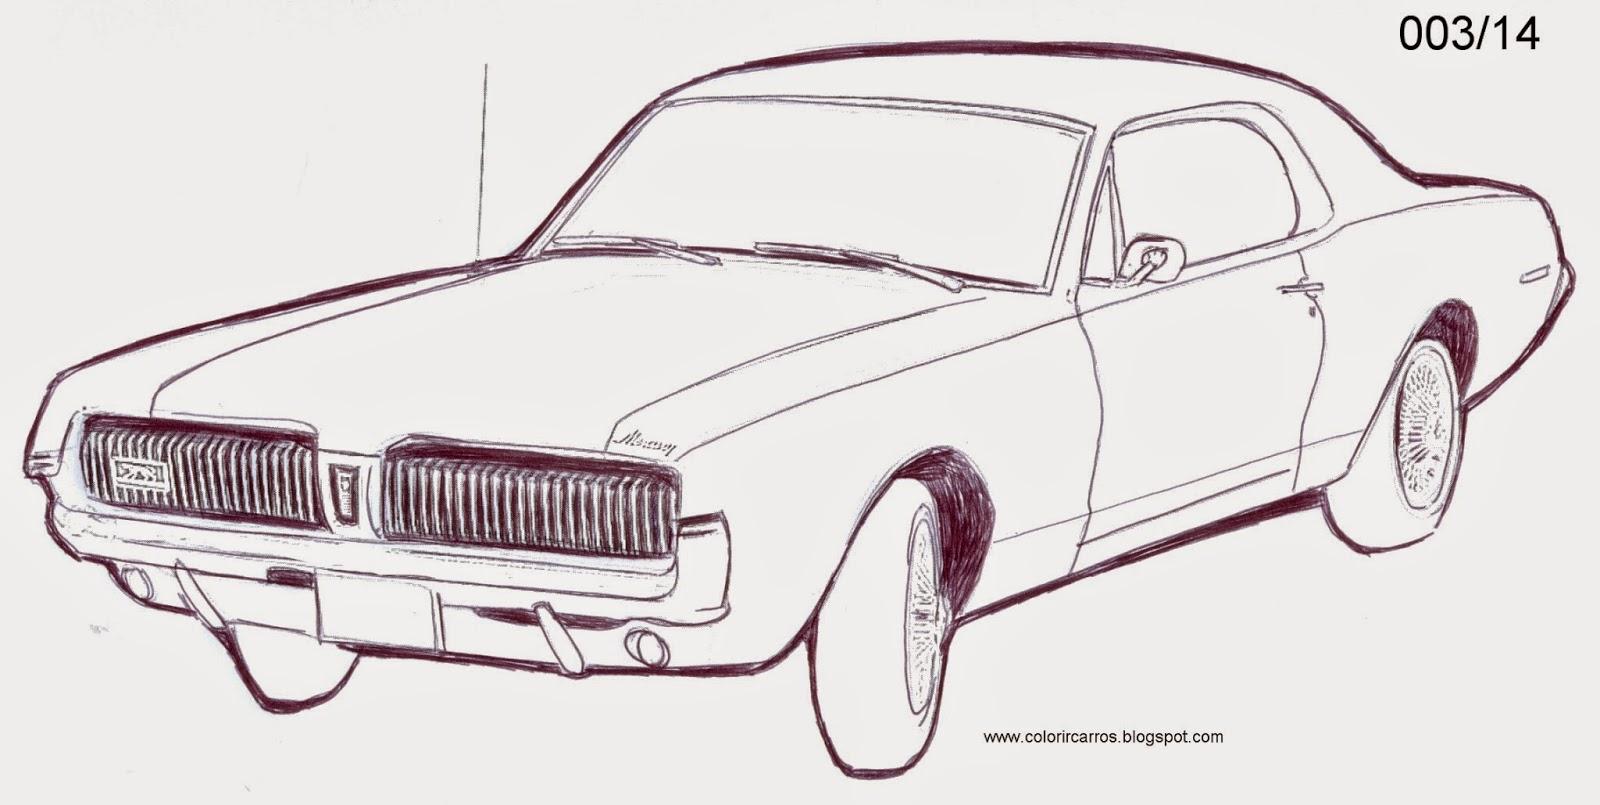 de professor adilson colorir carros agosto 2014